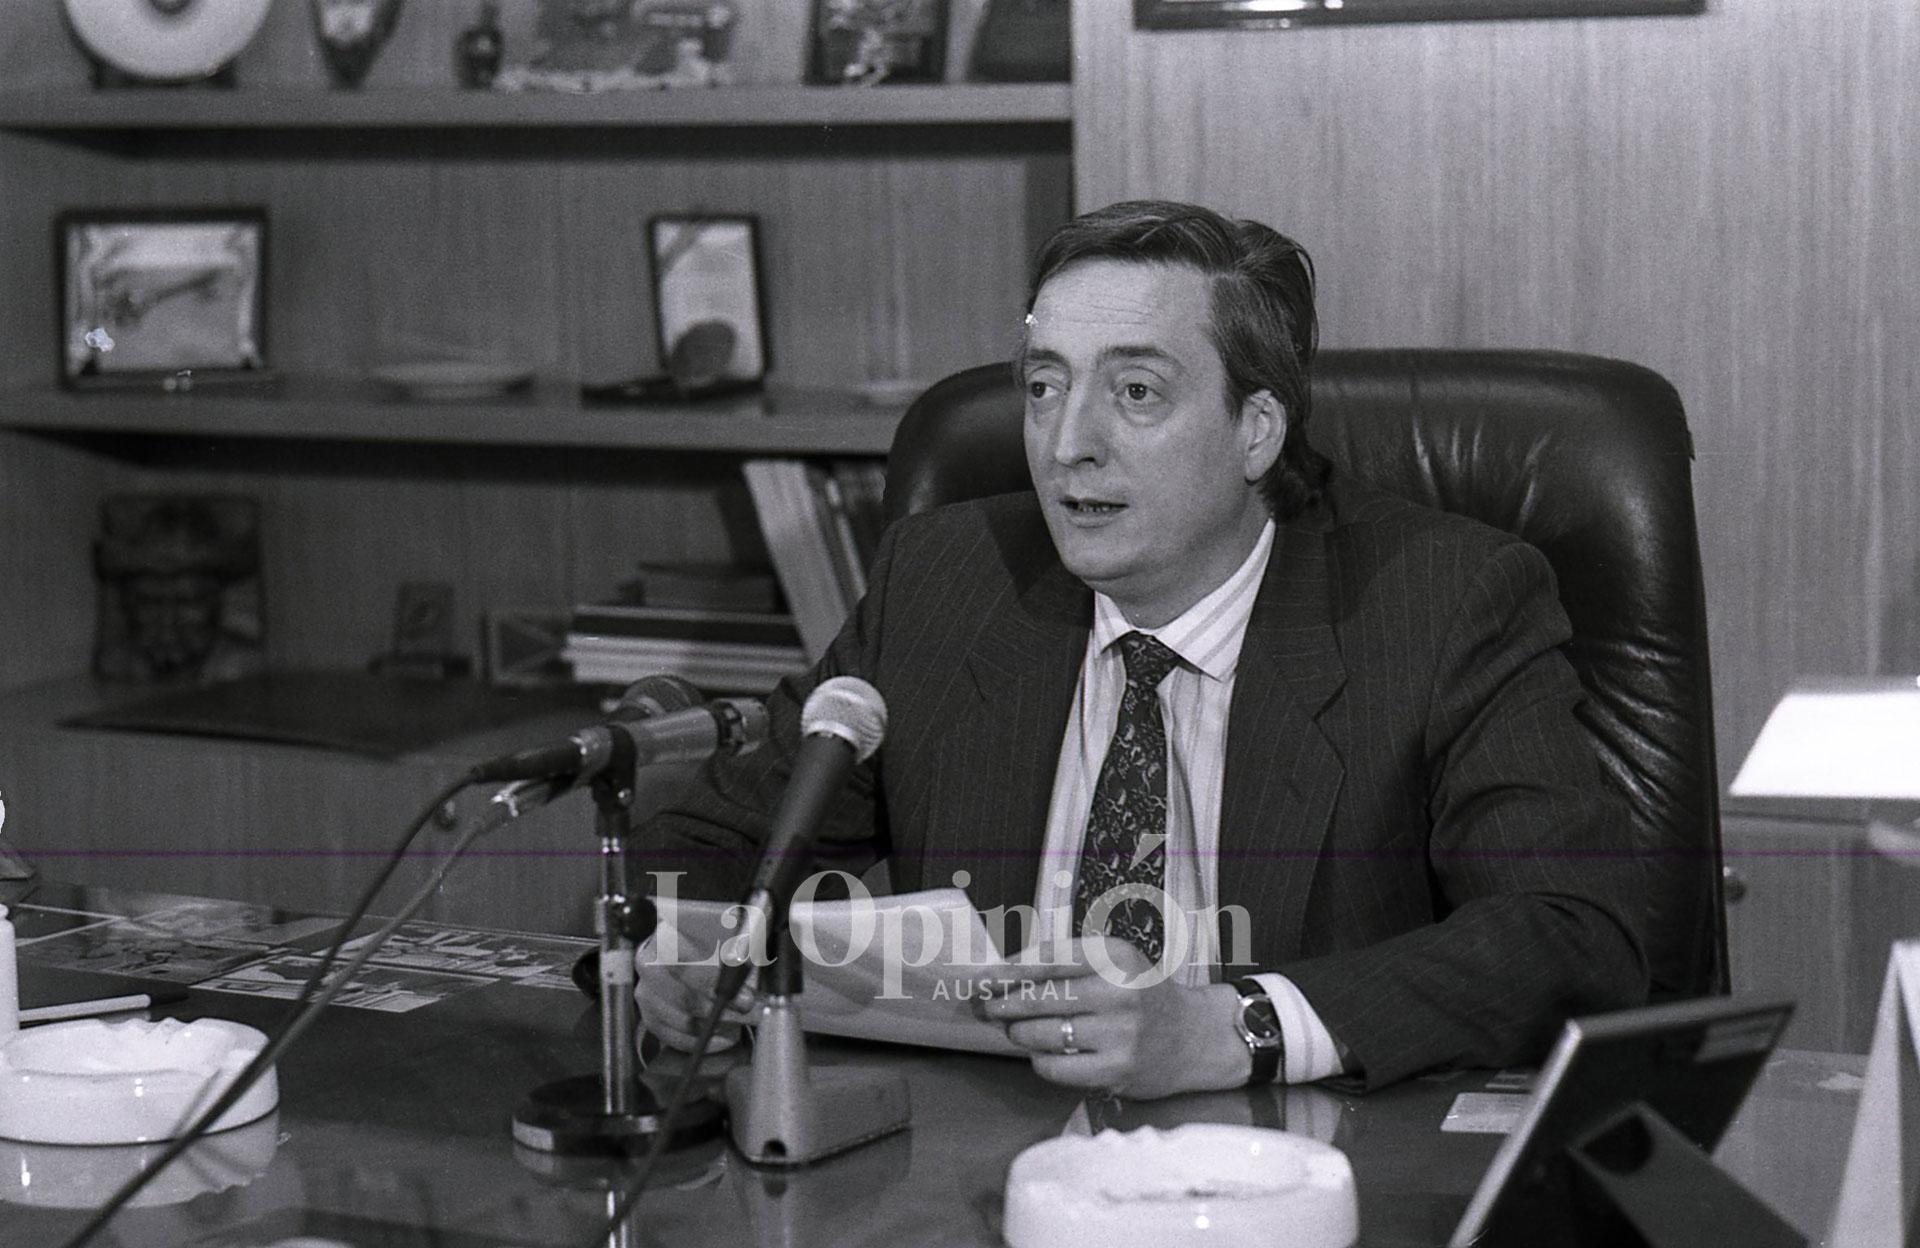 Año 1993. A dos años de asumir en la gobernación de Santa Cruz. FOTO: ARCHIVO LA OPINIÓN AUSTRAL.